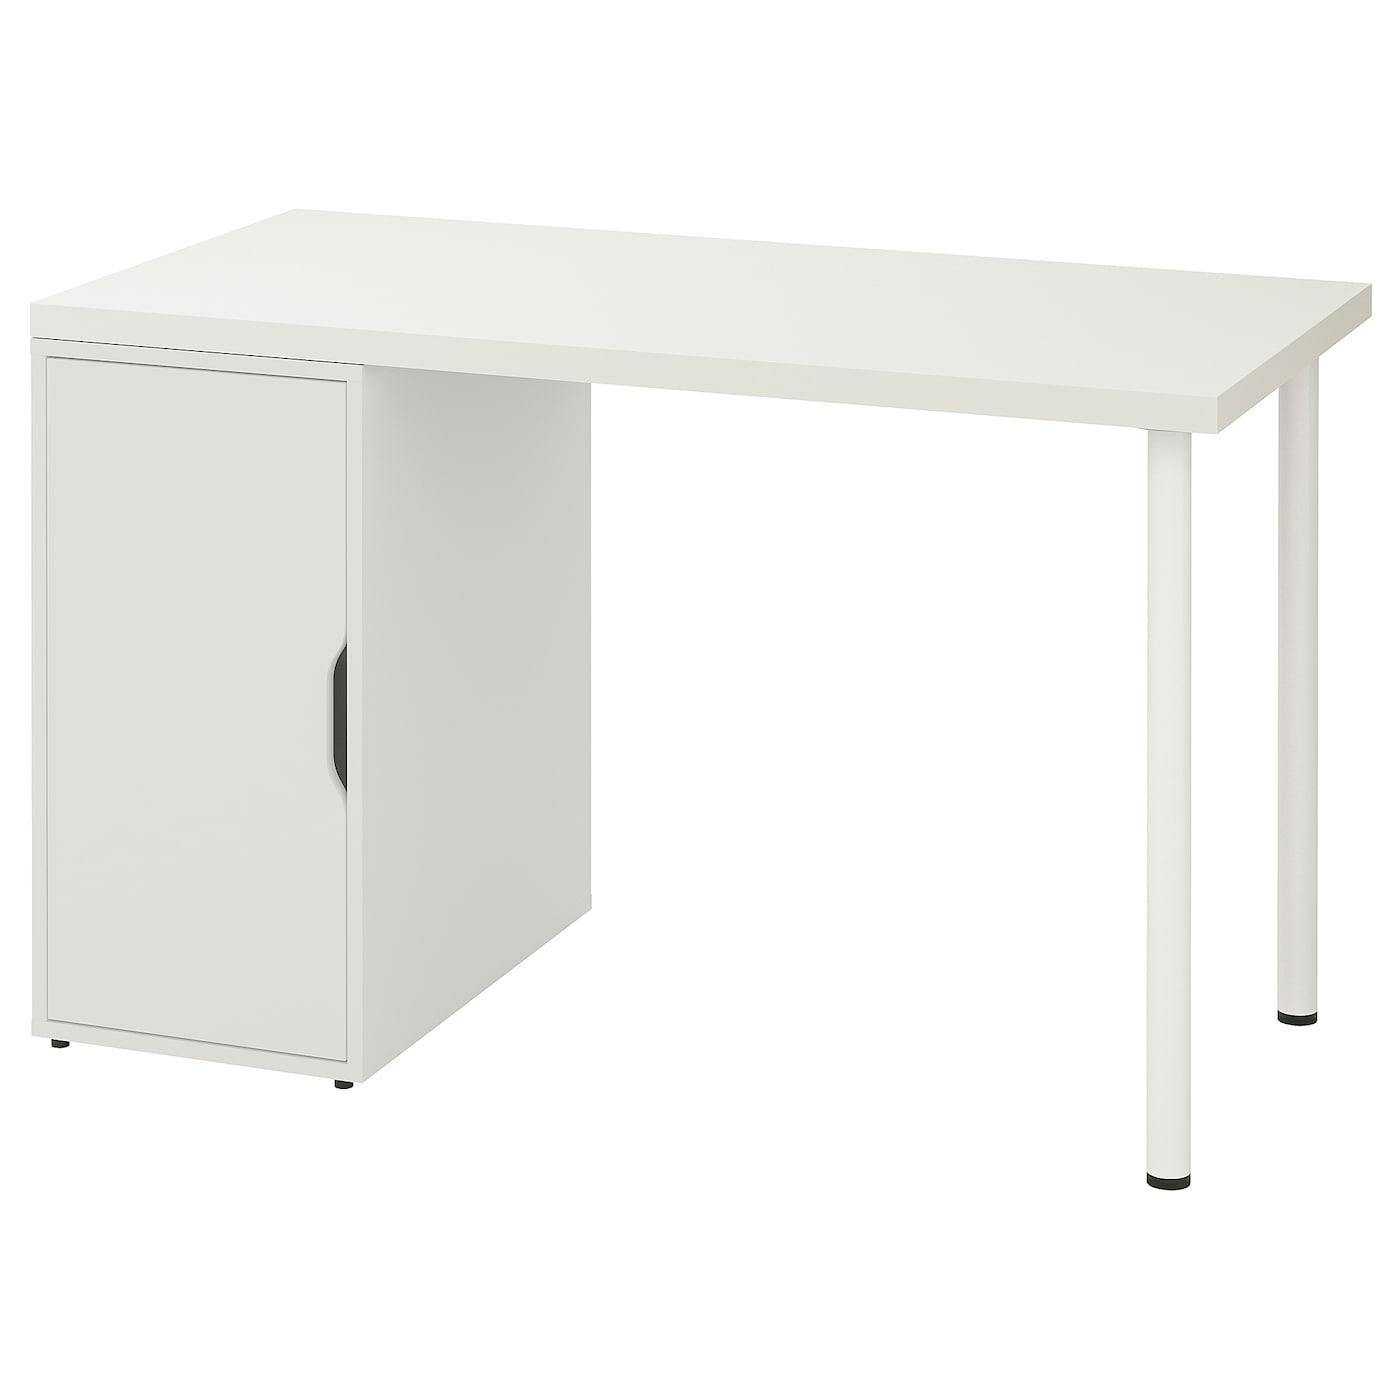 IKEA LINNMON stół z białym blatem wspartym parą nóg i białą szafką ALEX, 120x60 cm